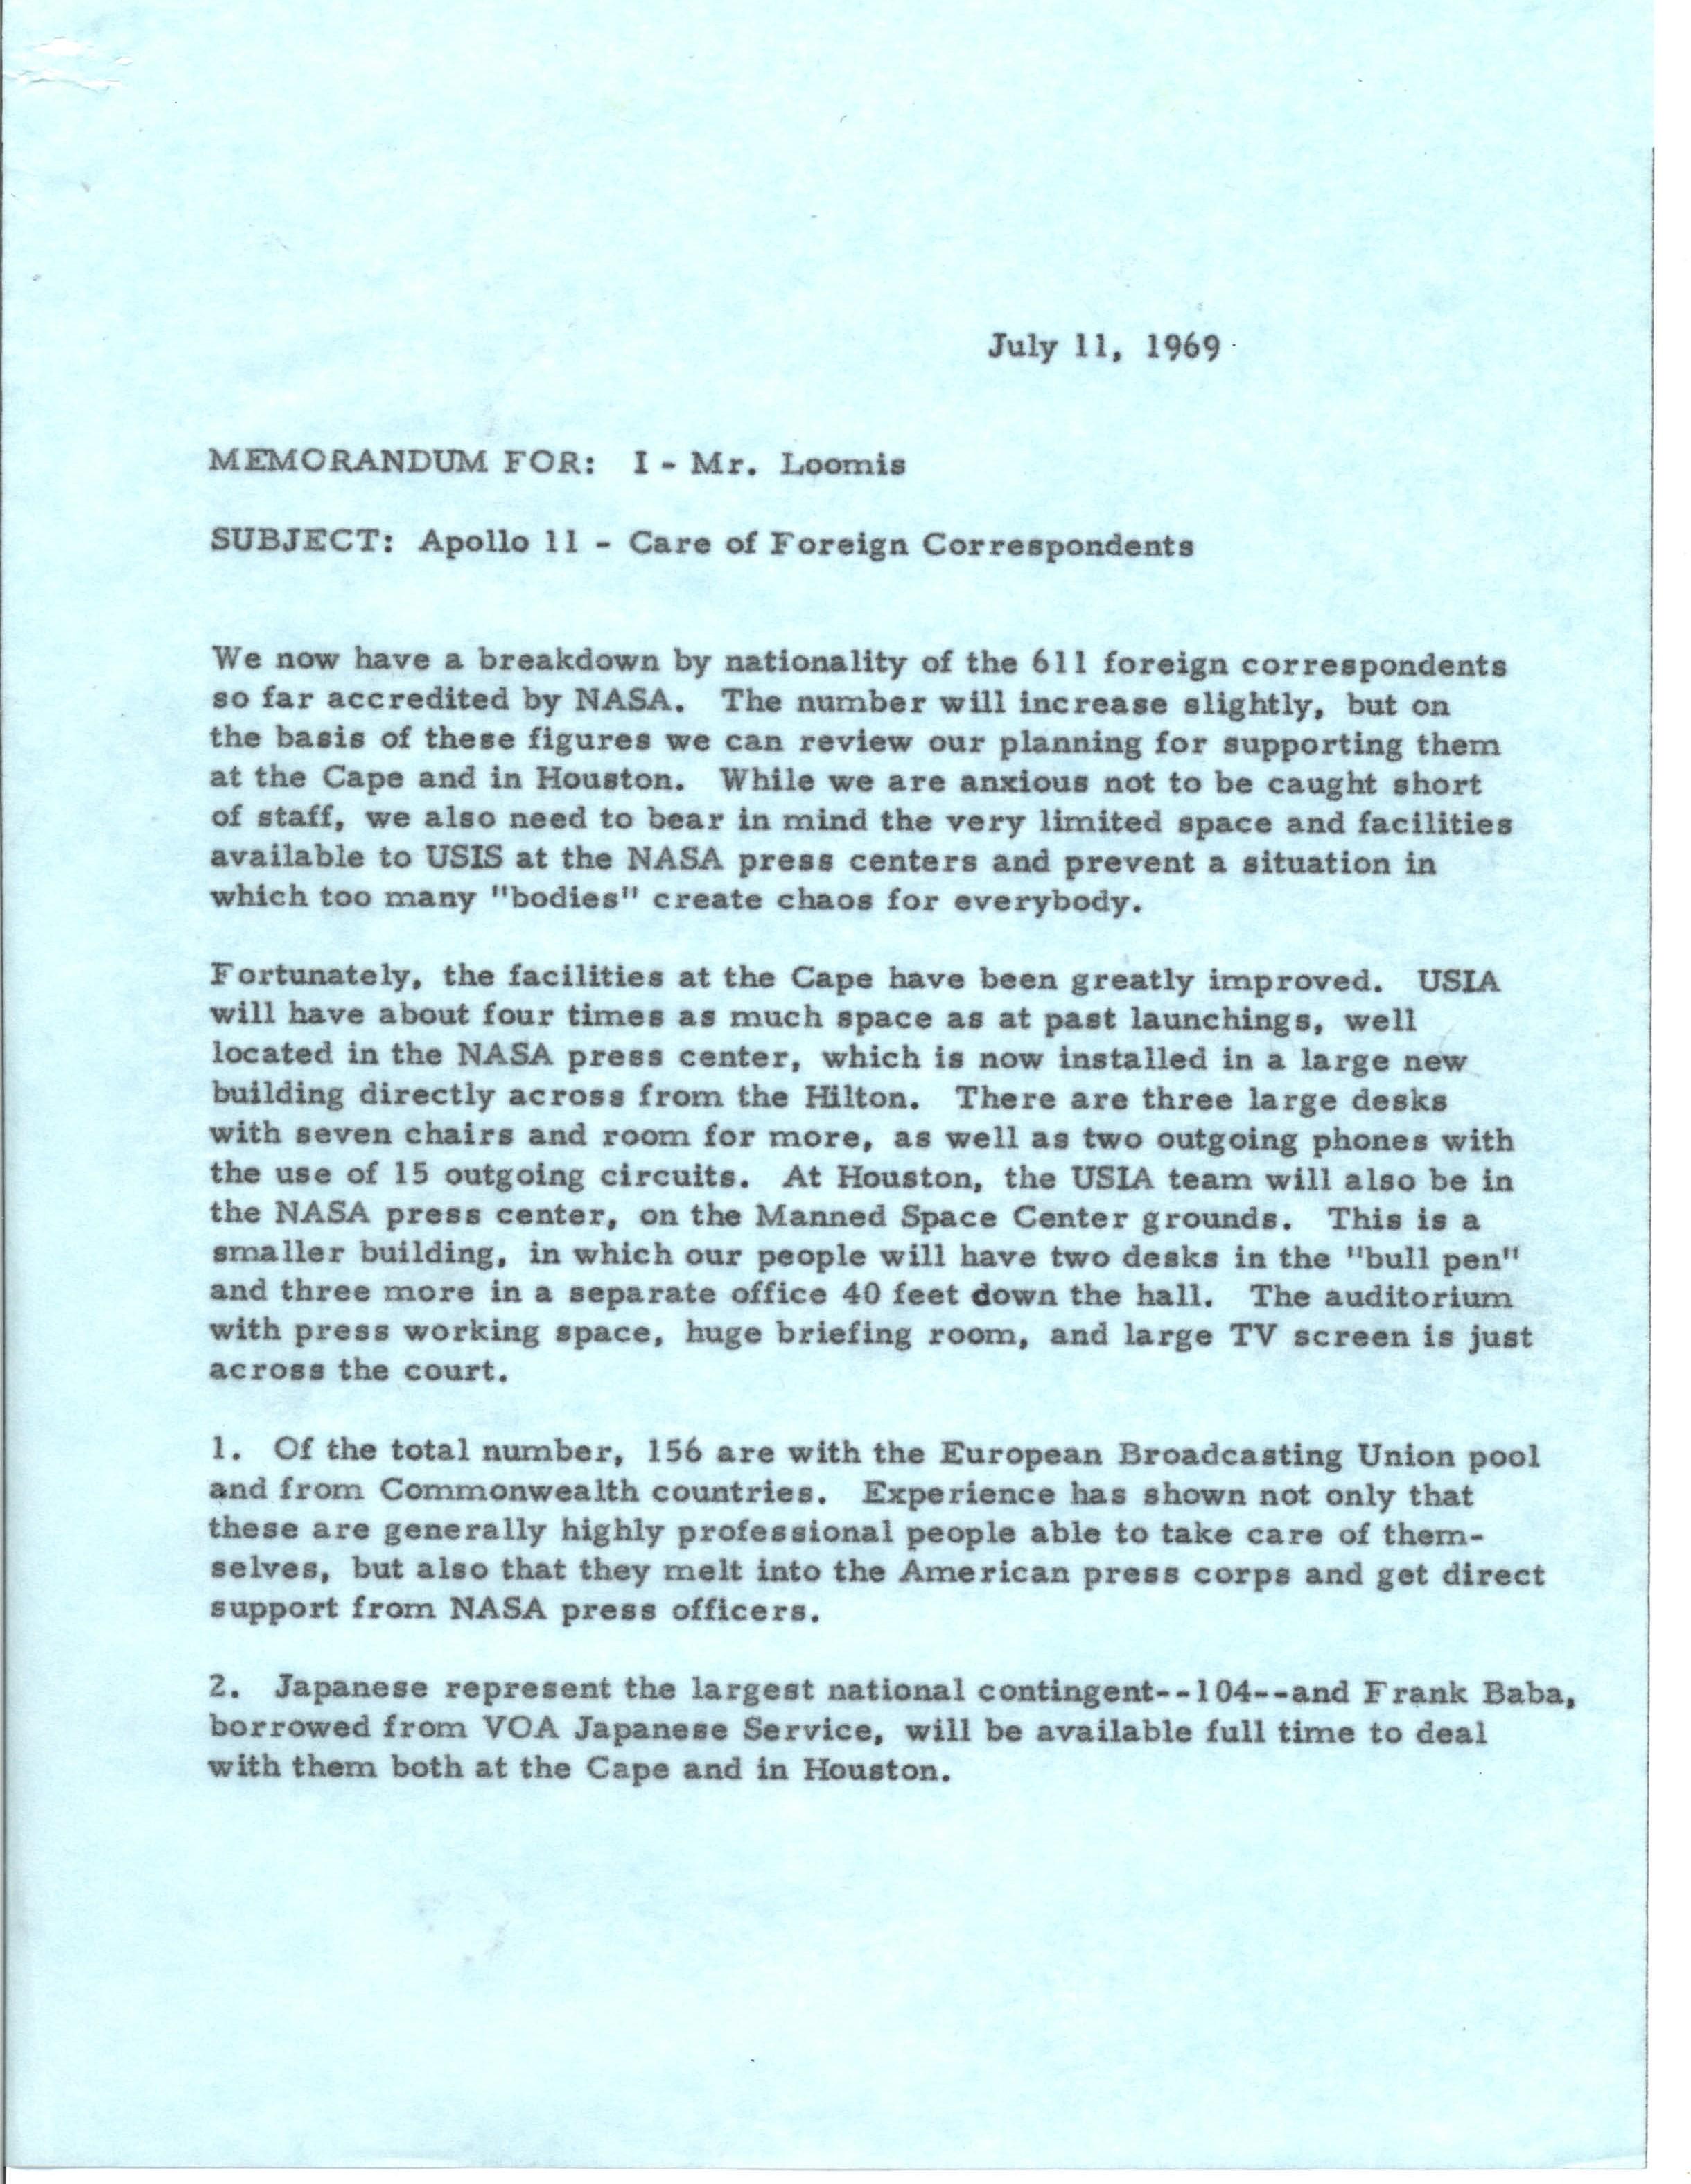 memo regarding the care of foreign correspondents for Apollo 11